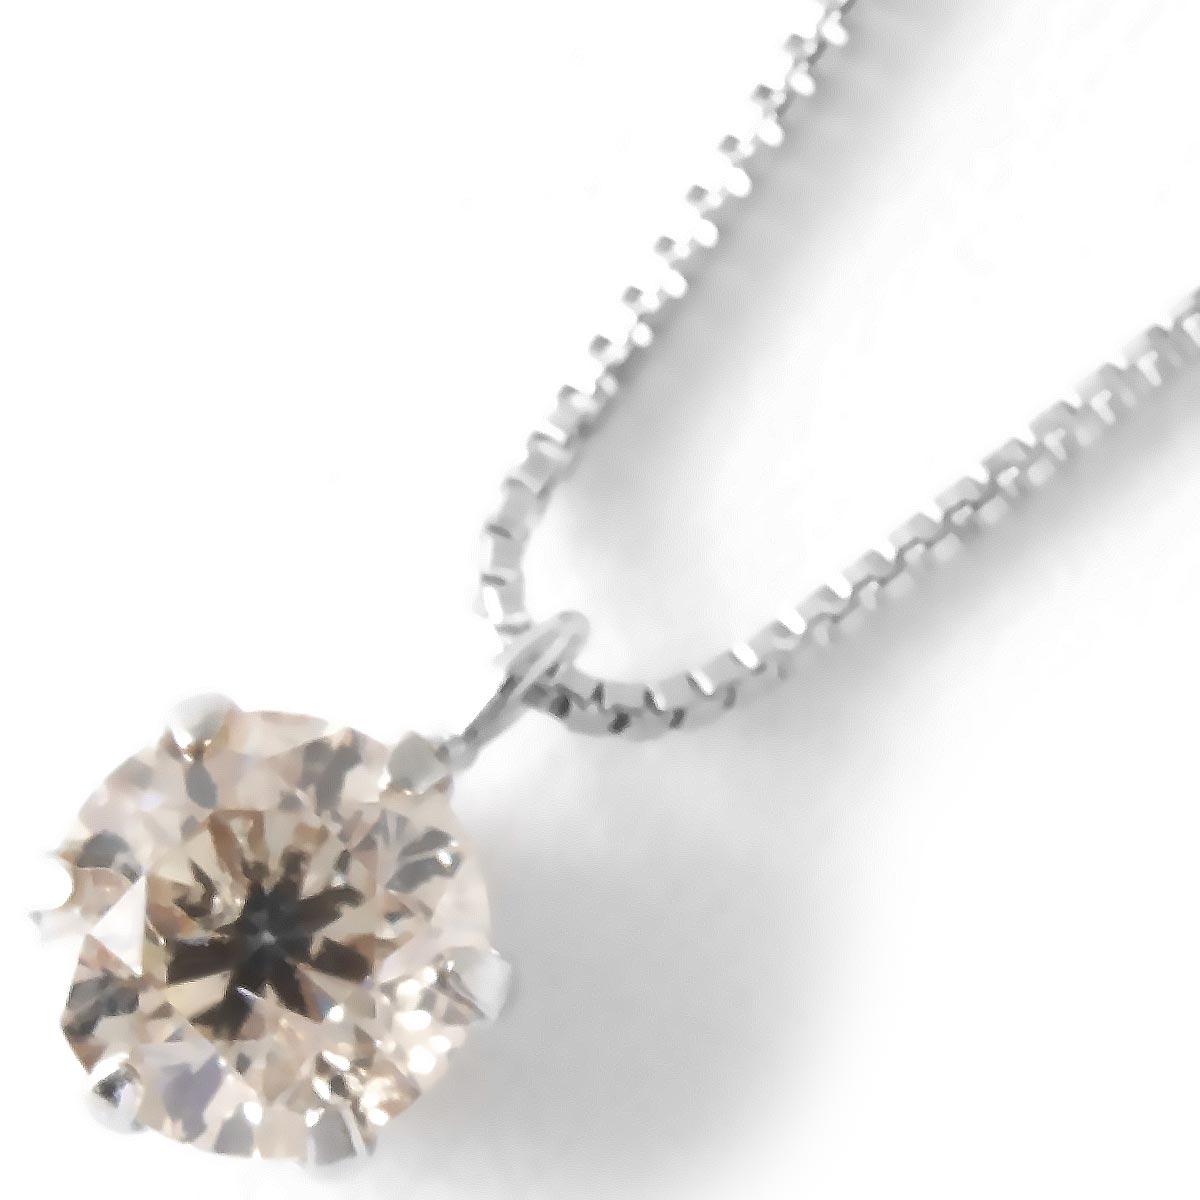 ジュエリー ネックレス アクセサリー レディース ダイヤモンド 一粒 0.3ct プラチナ クリア&シルバー SDFN30 UGL JEWELRY